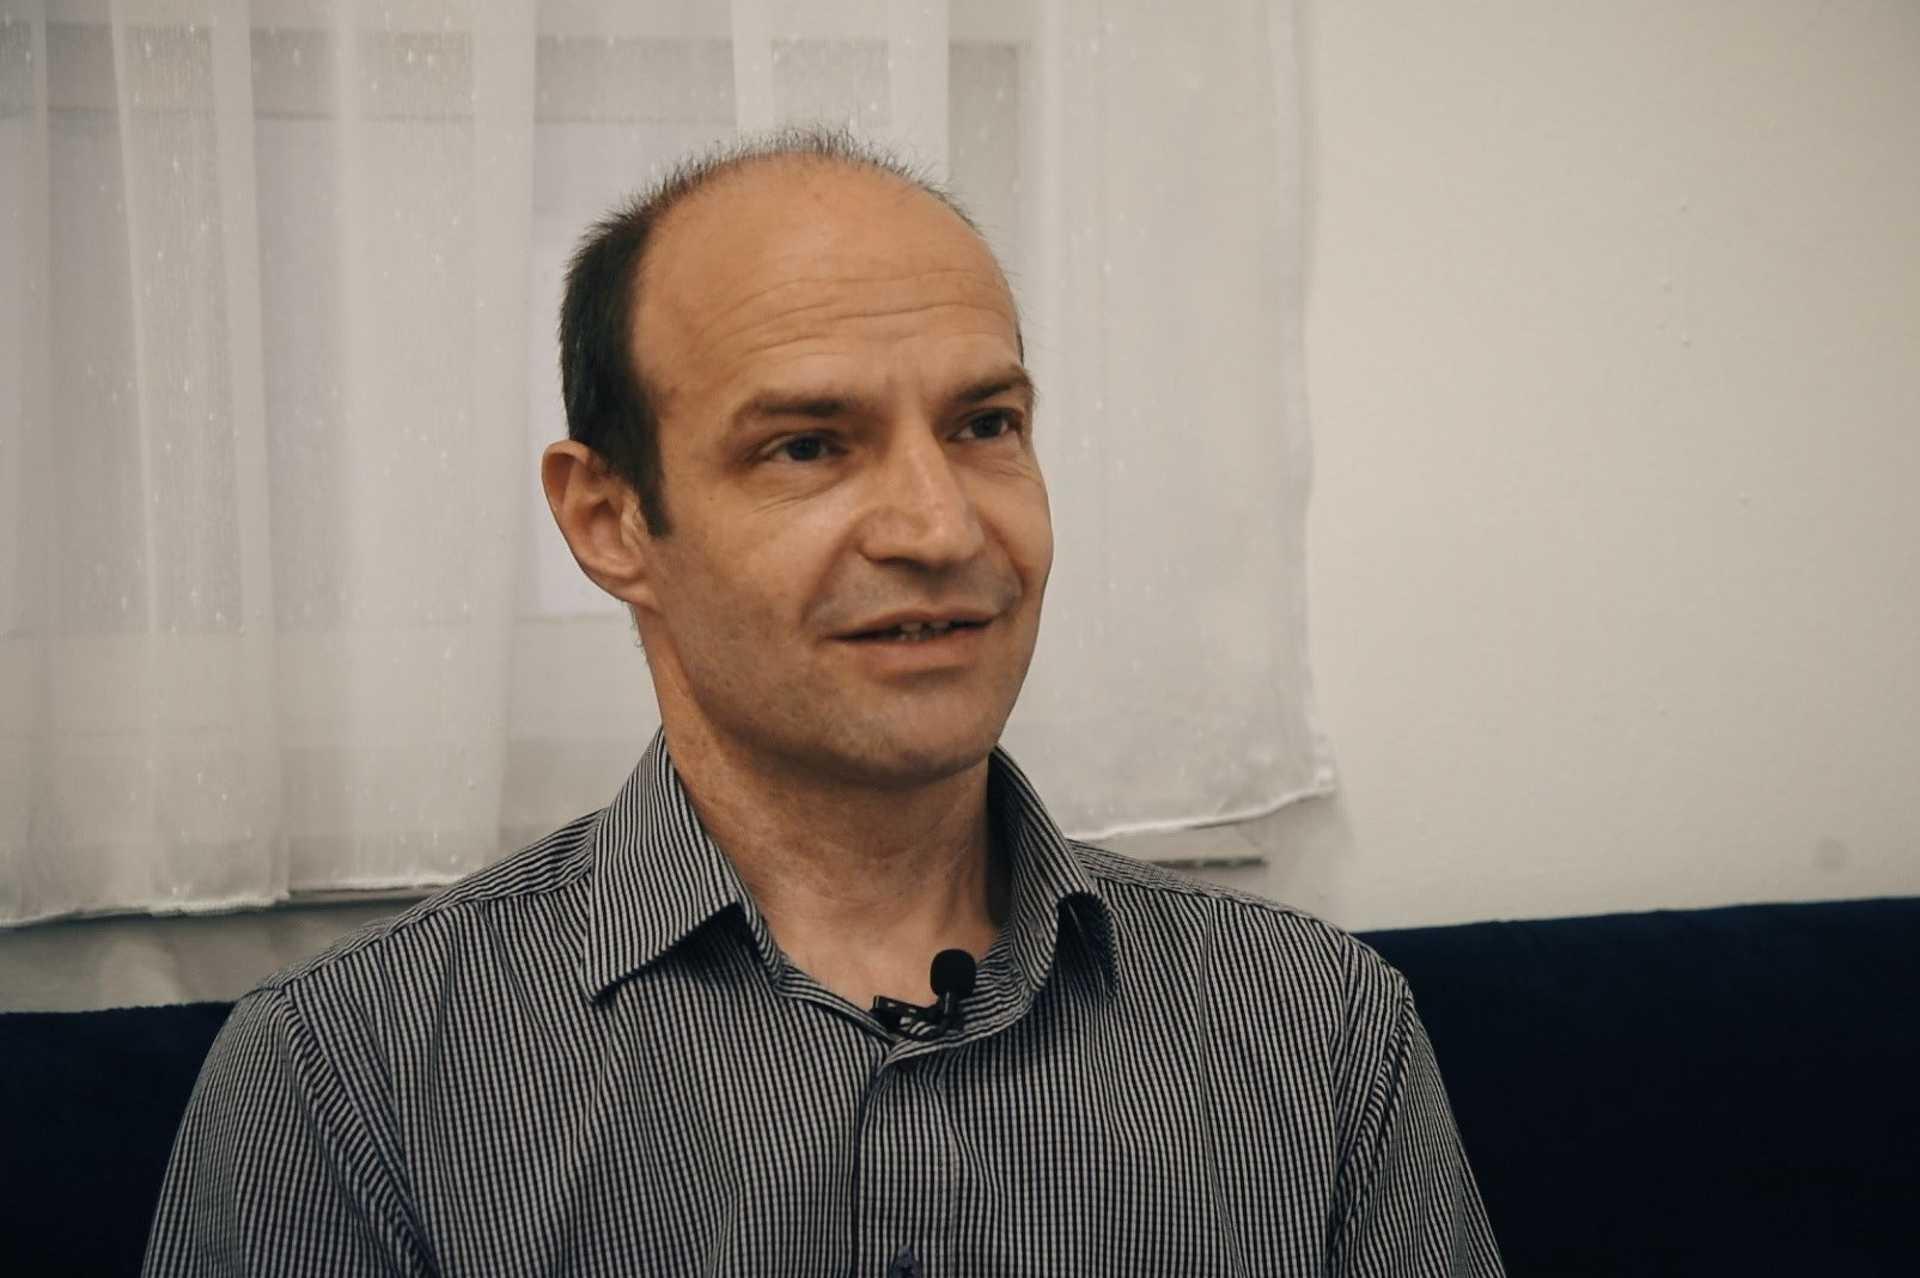 Rác Gábor interjú